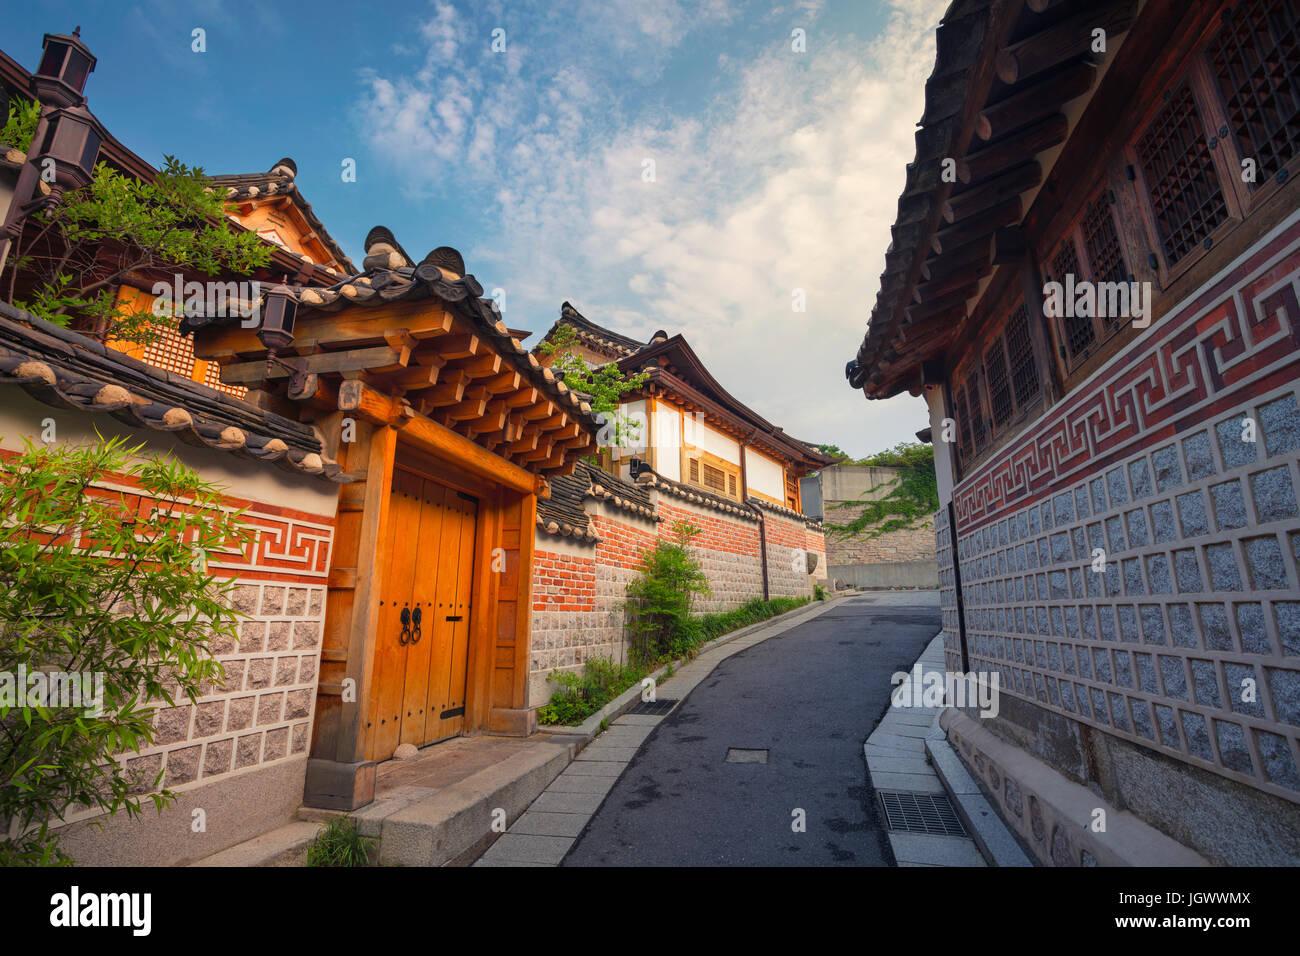 Séoul. L'architecture de style traditionnel coréen au village de Bukchon Hanok à Séoul, Corée du Sud. Banque D'Images